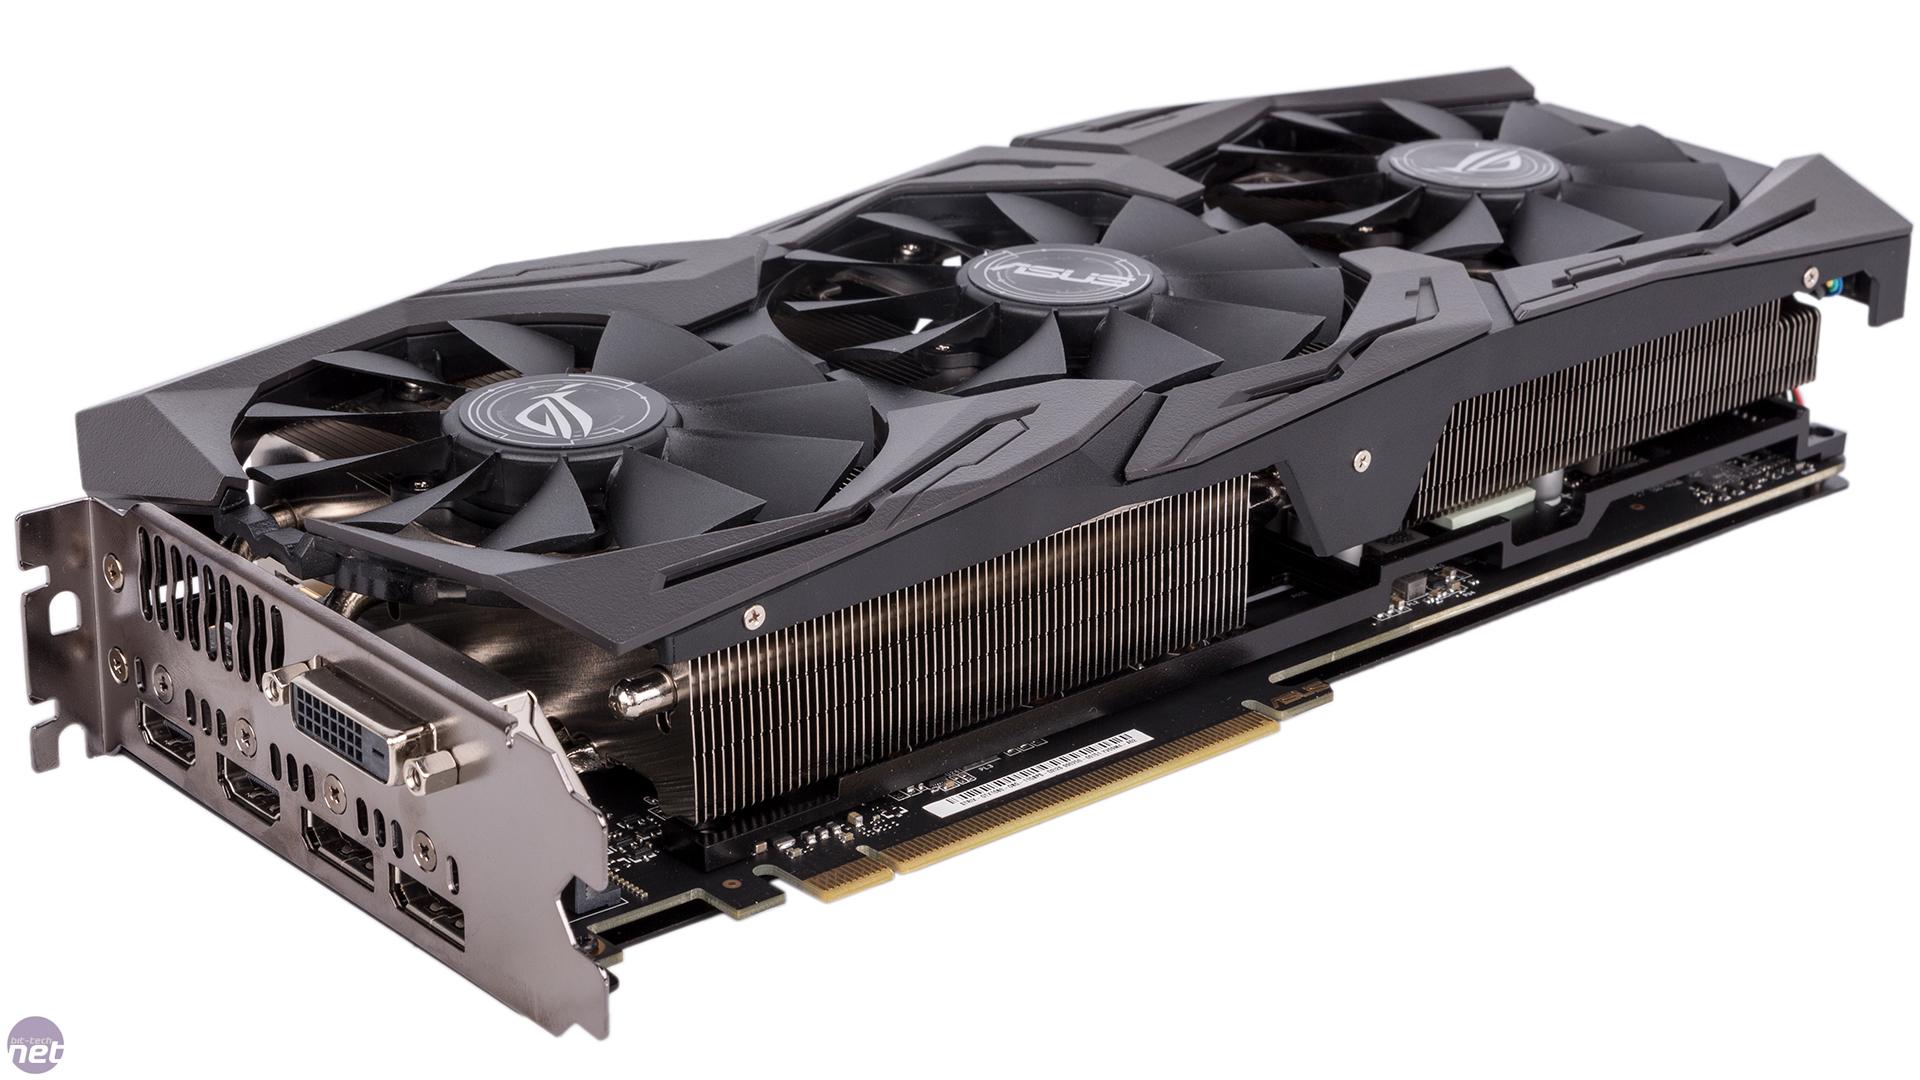 Asus GeForce GTX 1080 11Gbps Strix OC Review | bit-tech net